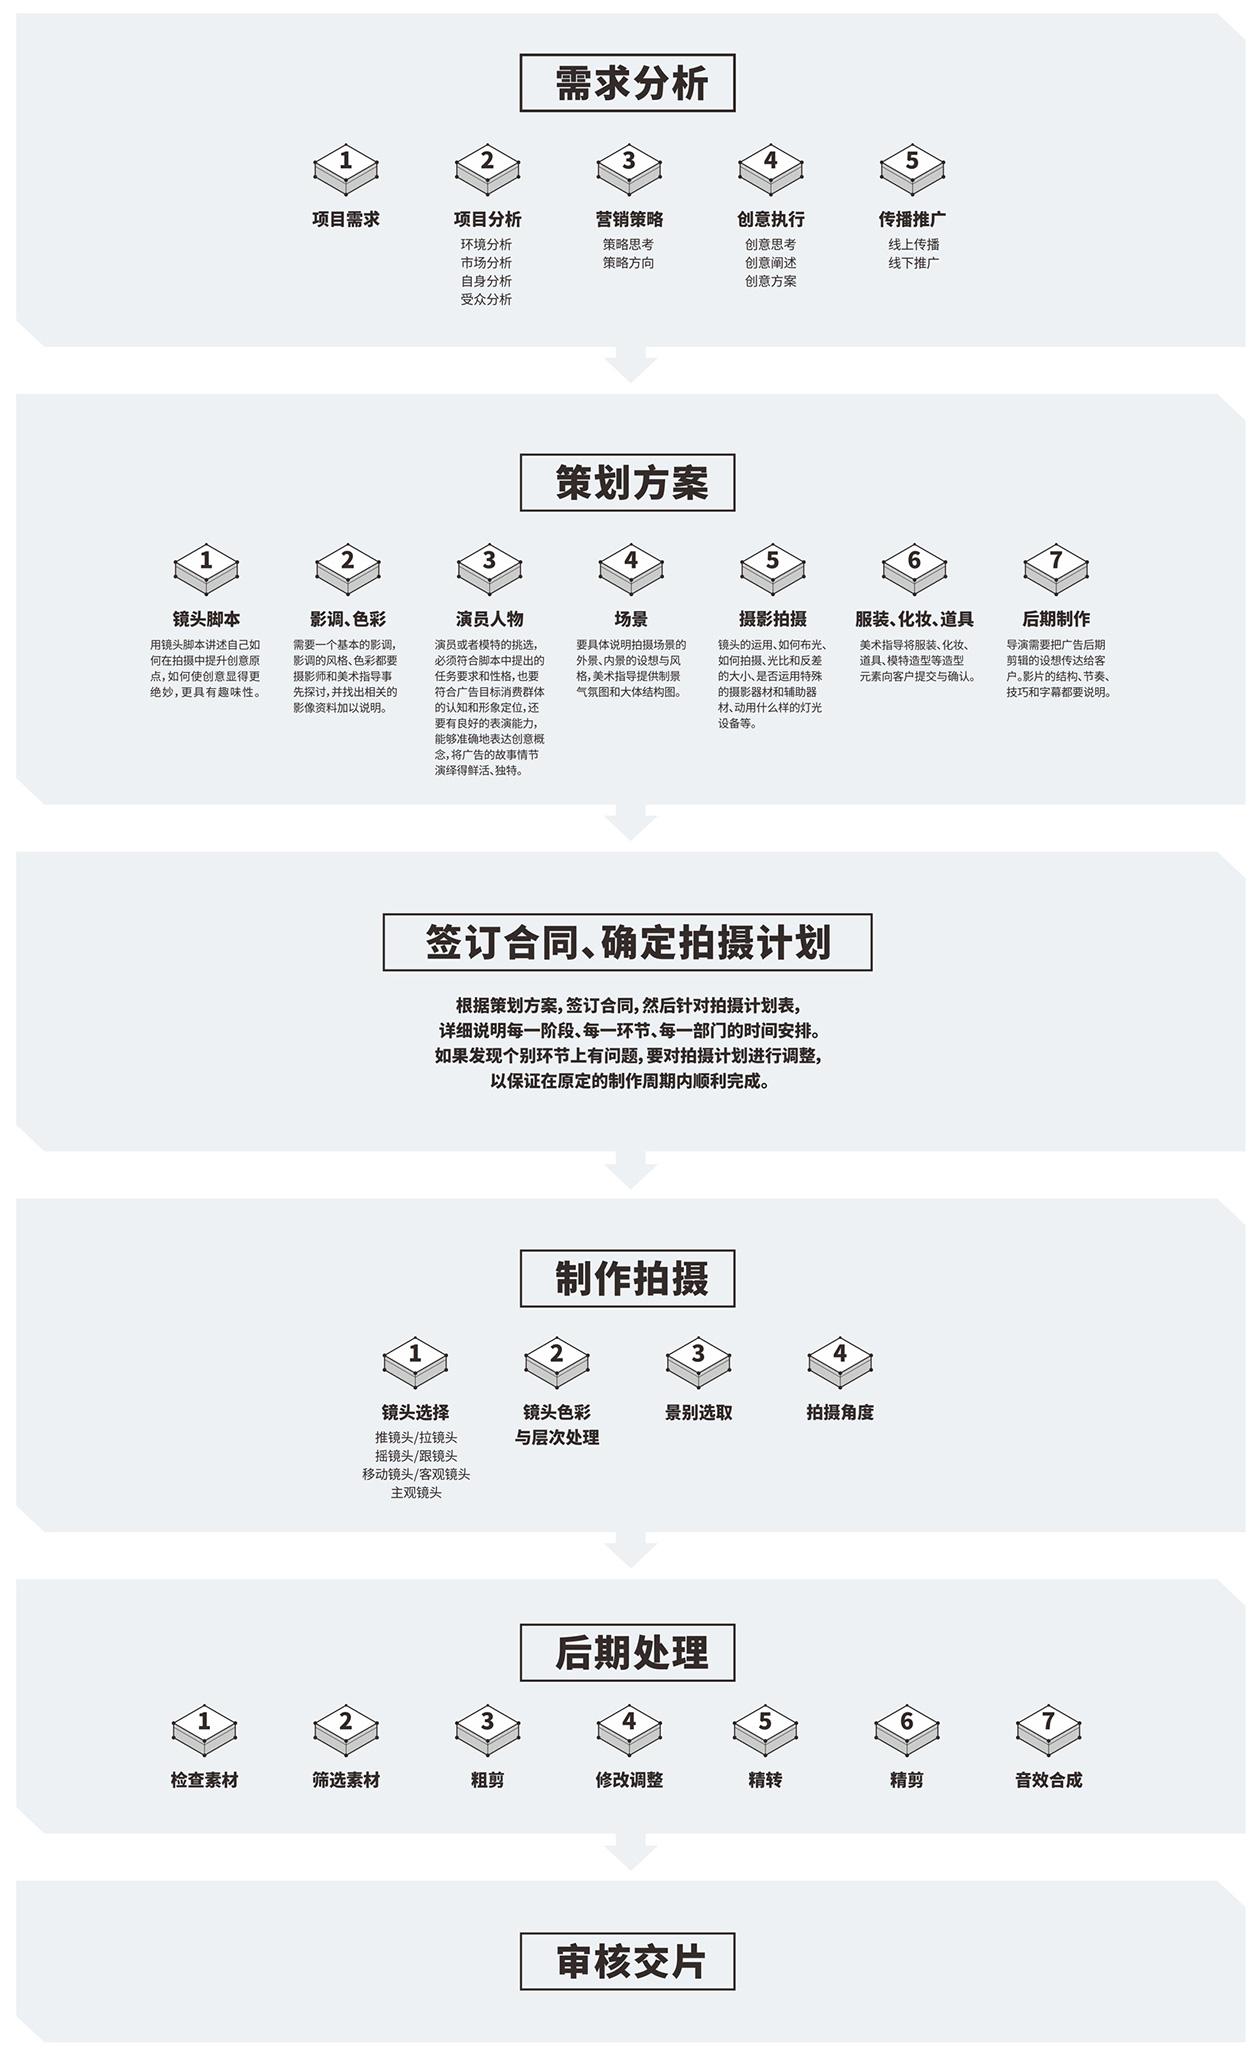 公司形象宣传片制作_深圳企业形象宣传片拍摄公司 - 深圳彬野视觉